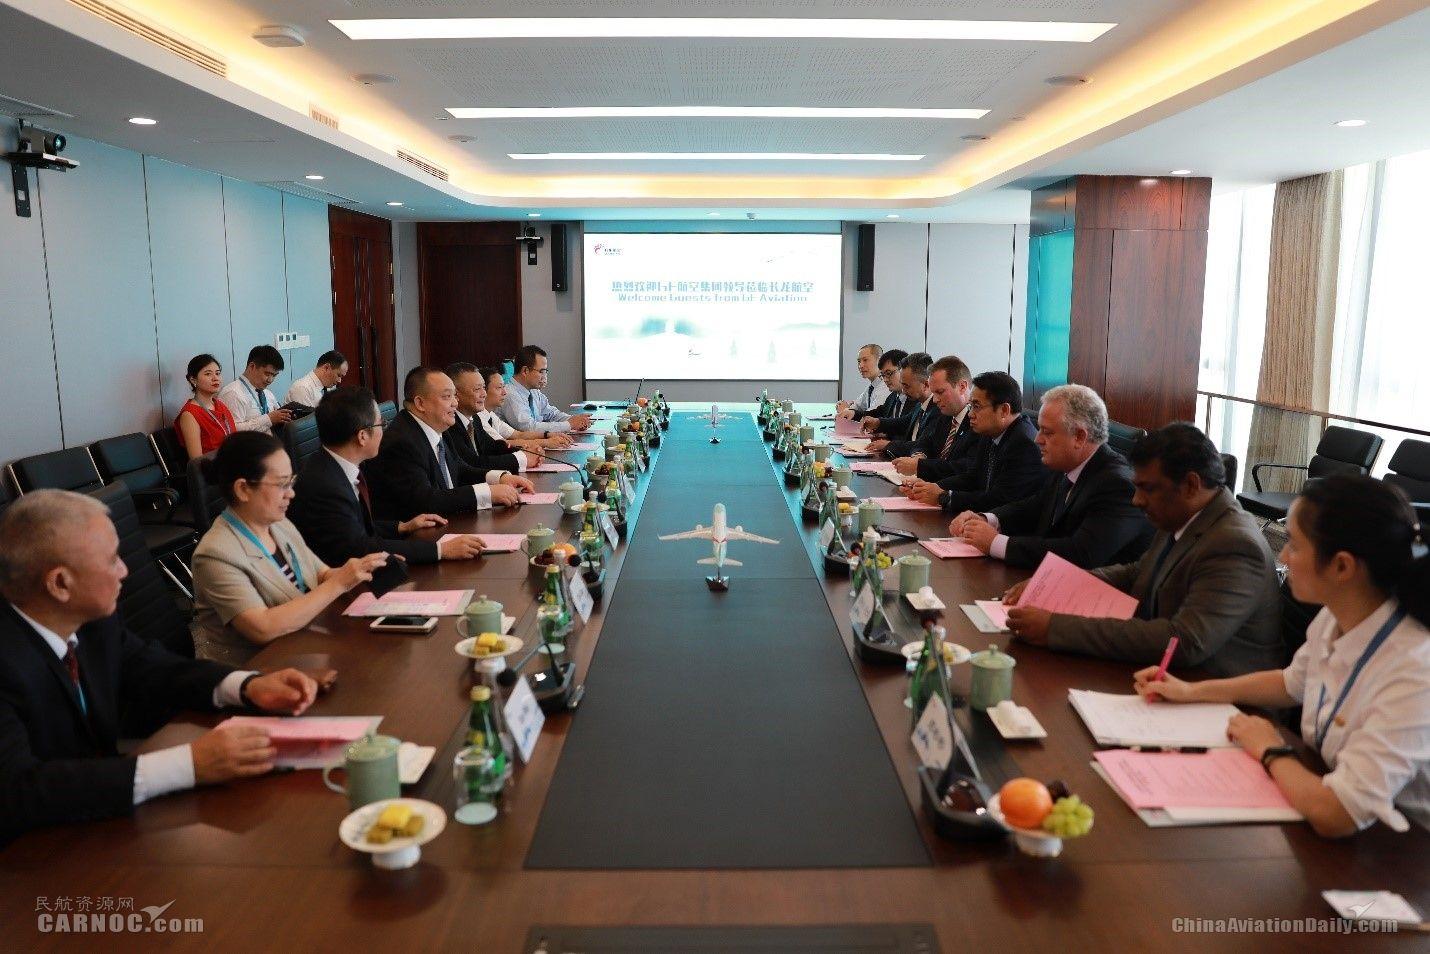 长龙航空与GE航空集团签署数字化解决方案协议 长龙航空供图